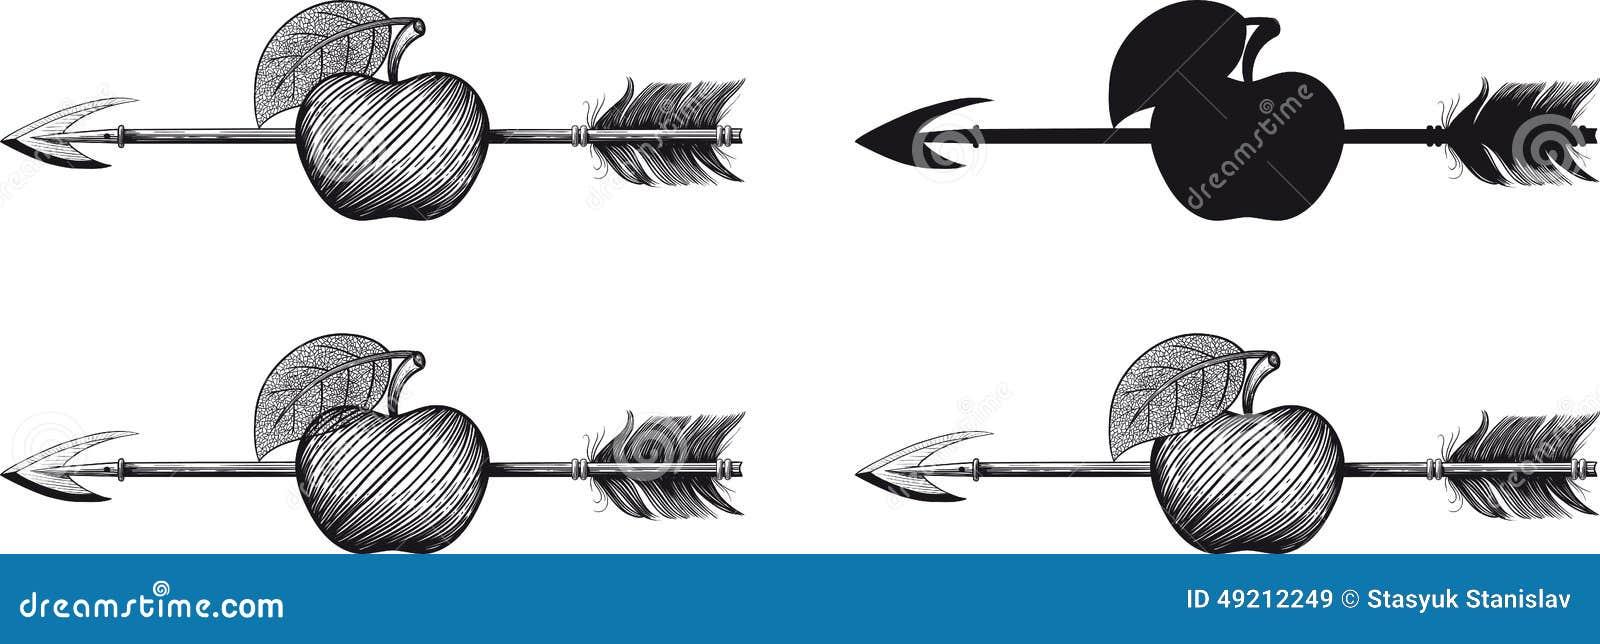 Pfeil im Apfel vektor abbildung. Illustration von punkt - 49212249